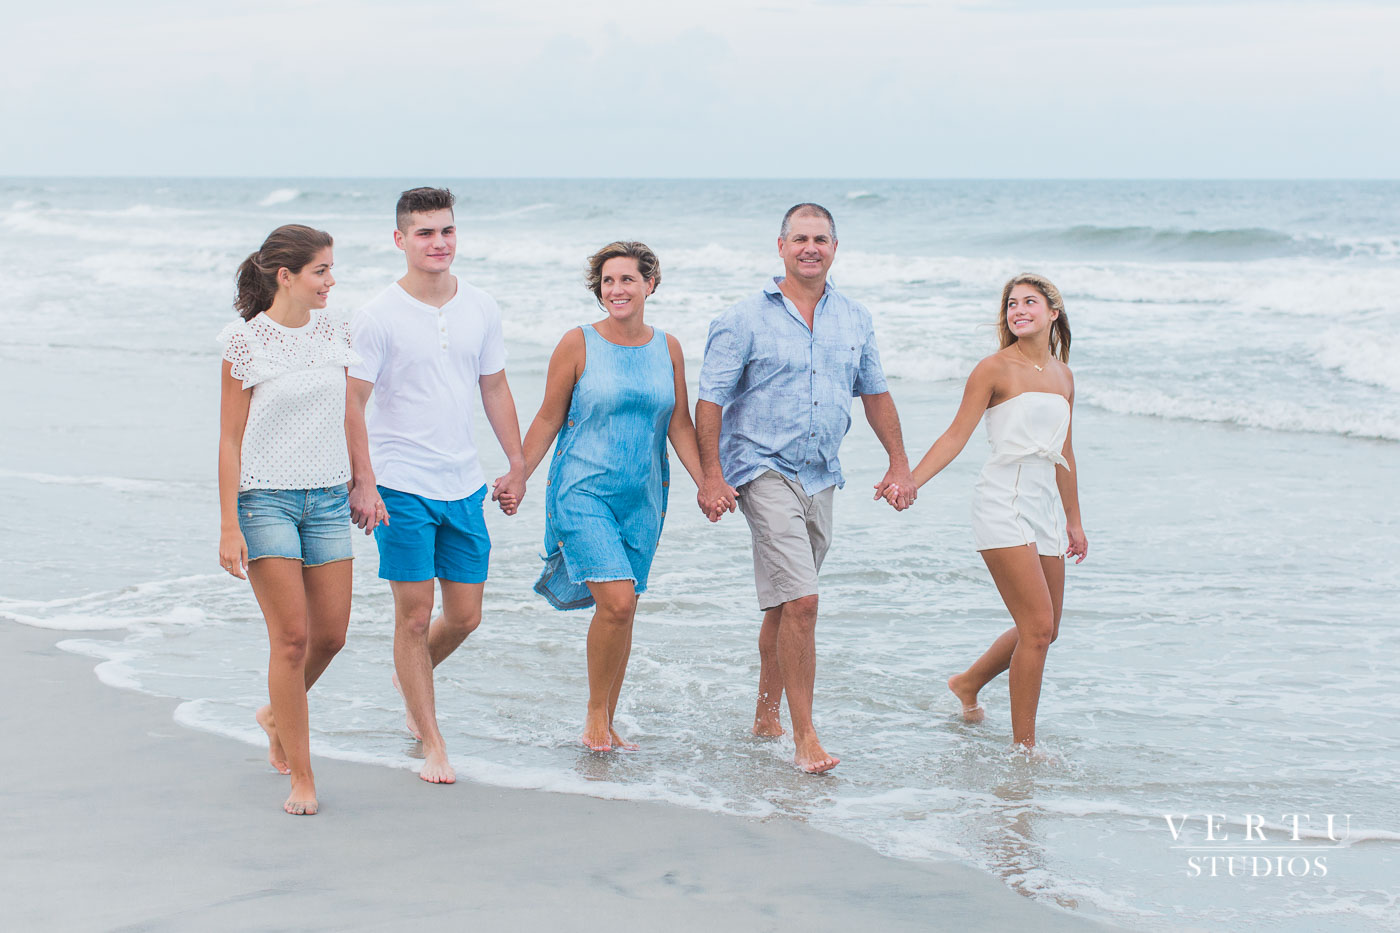 Myrtle Beach Family Photography, Family Beach Session In Myrtle Beach By Top Family Photographer